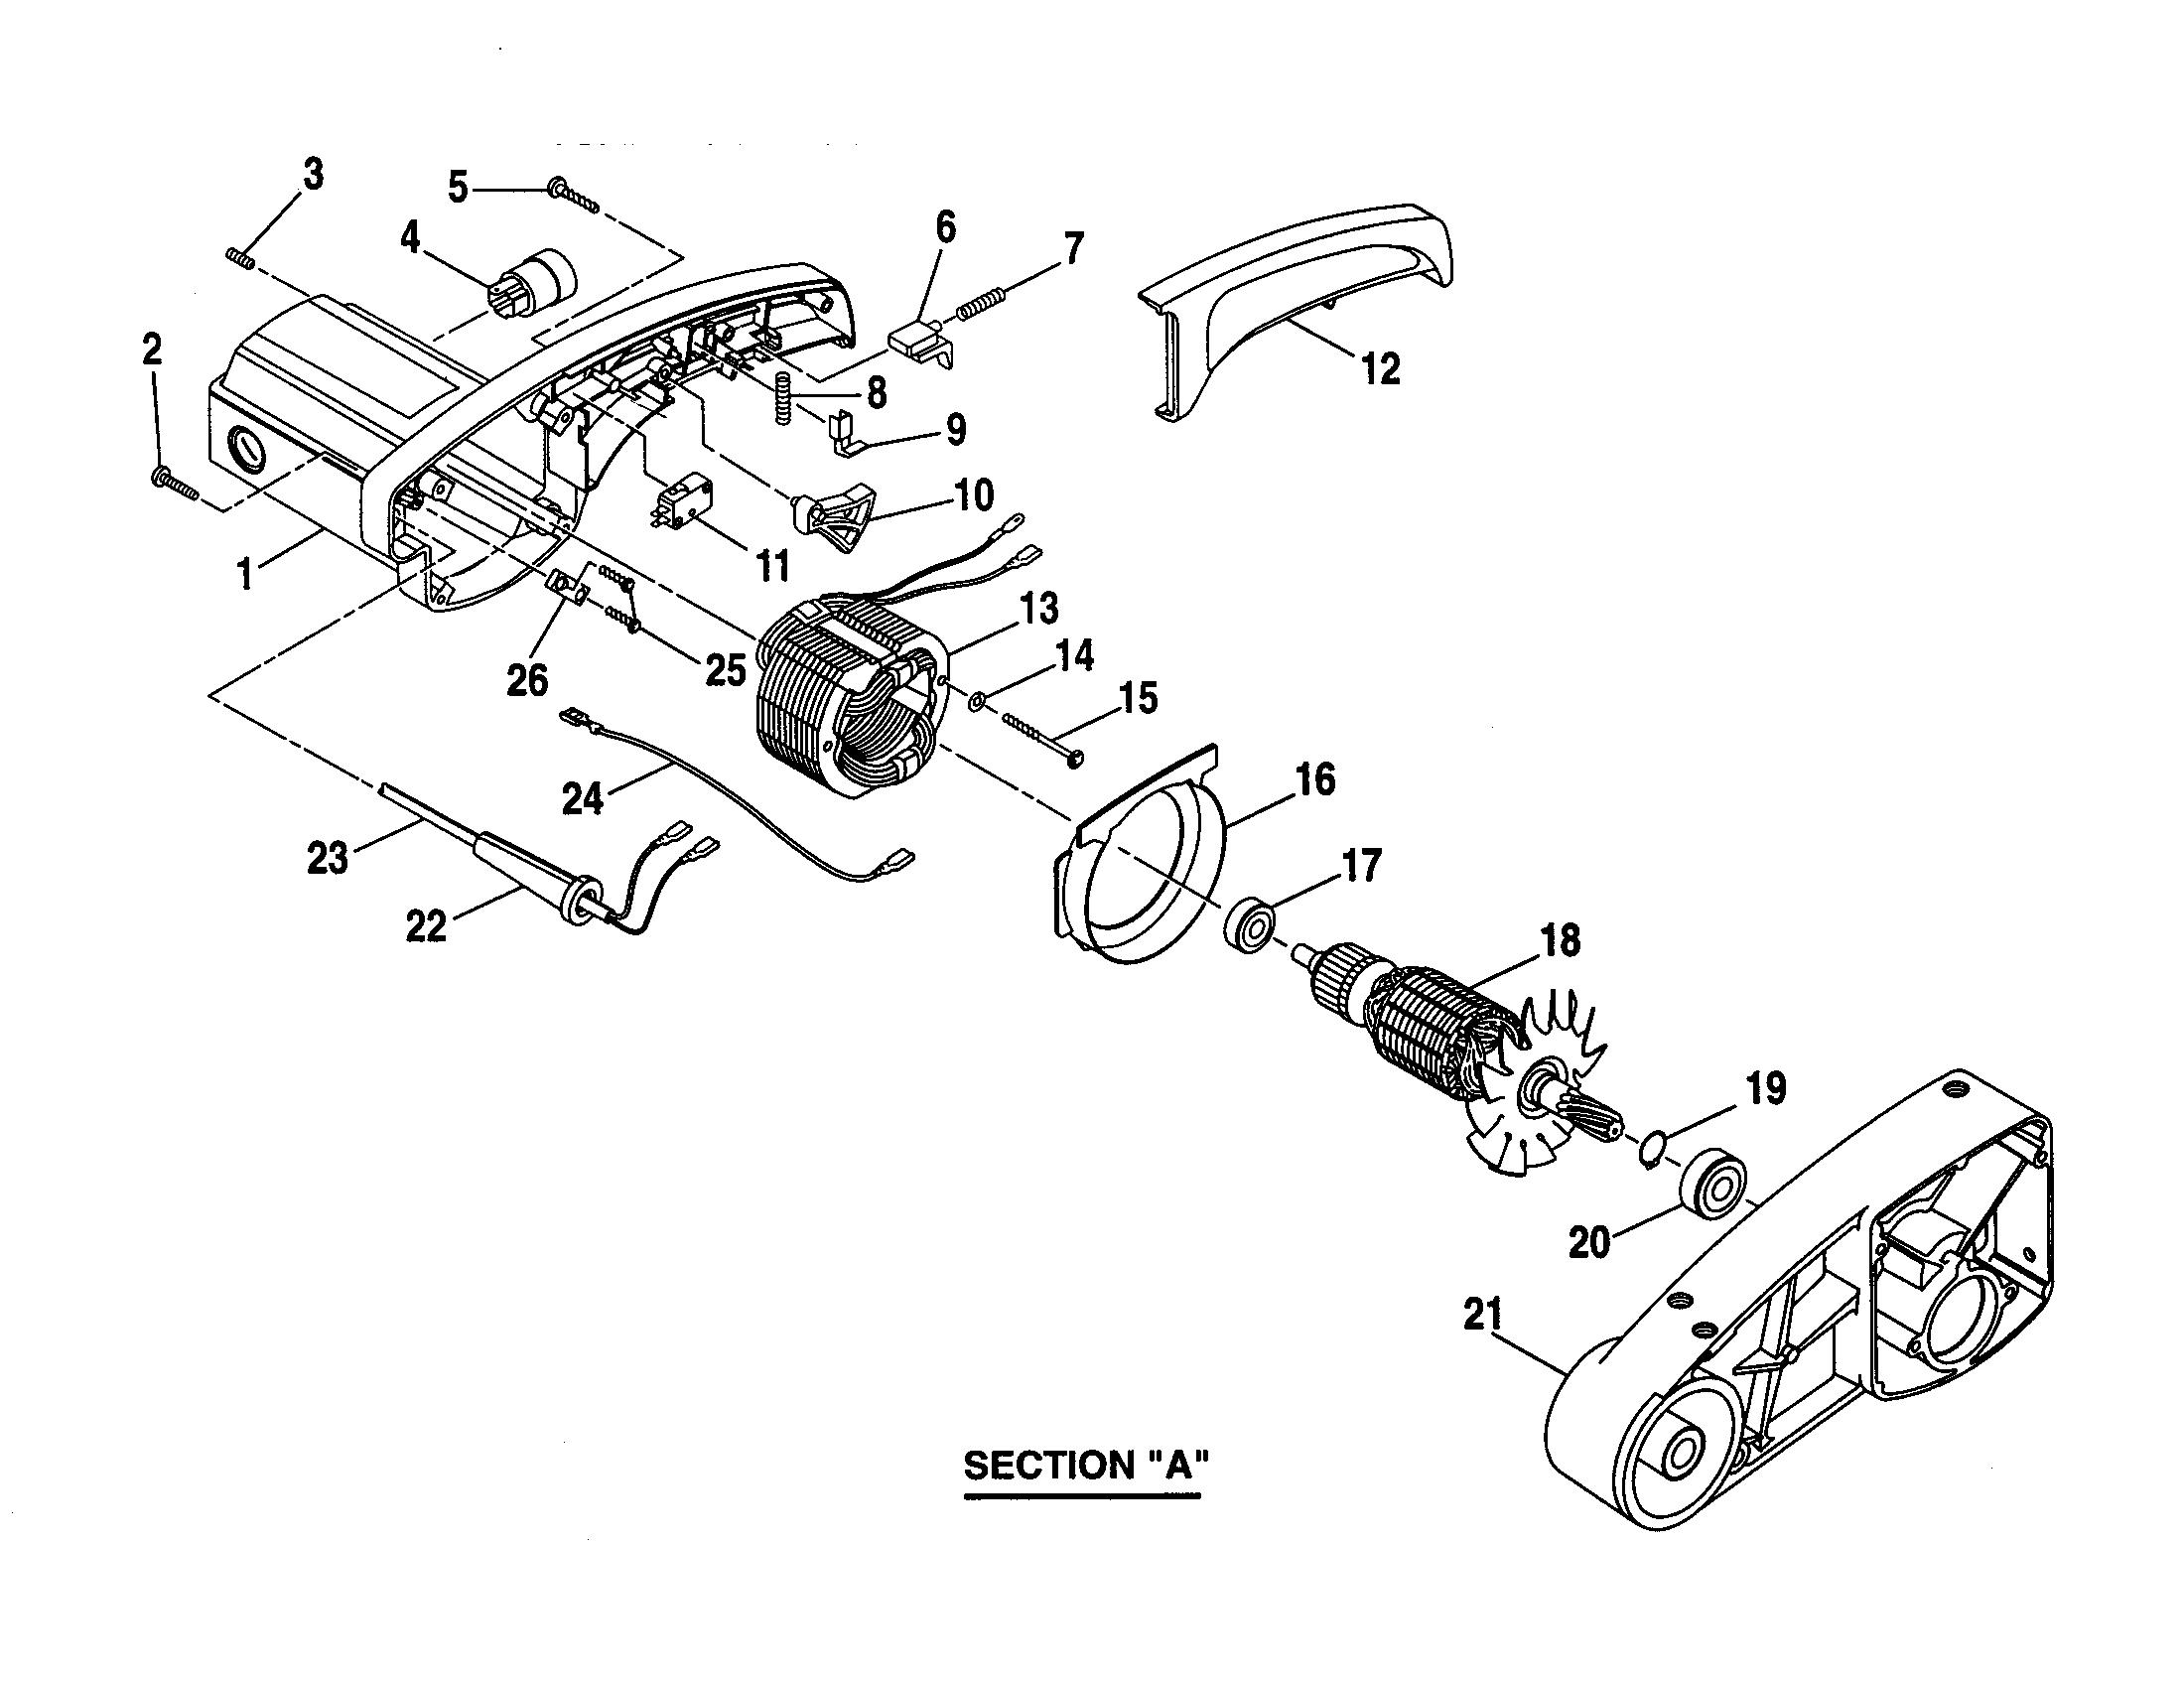 Craftsman model 315235360 miter saw genuine parts